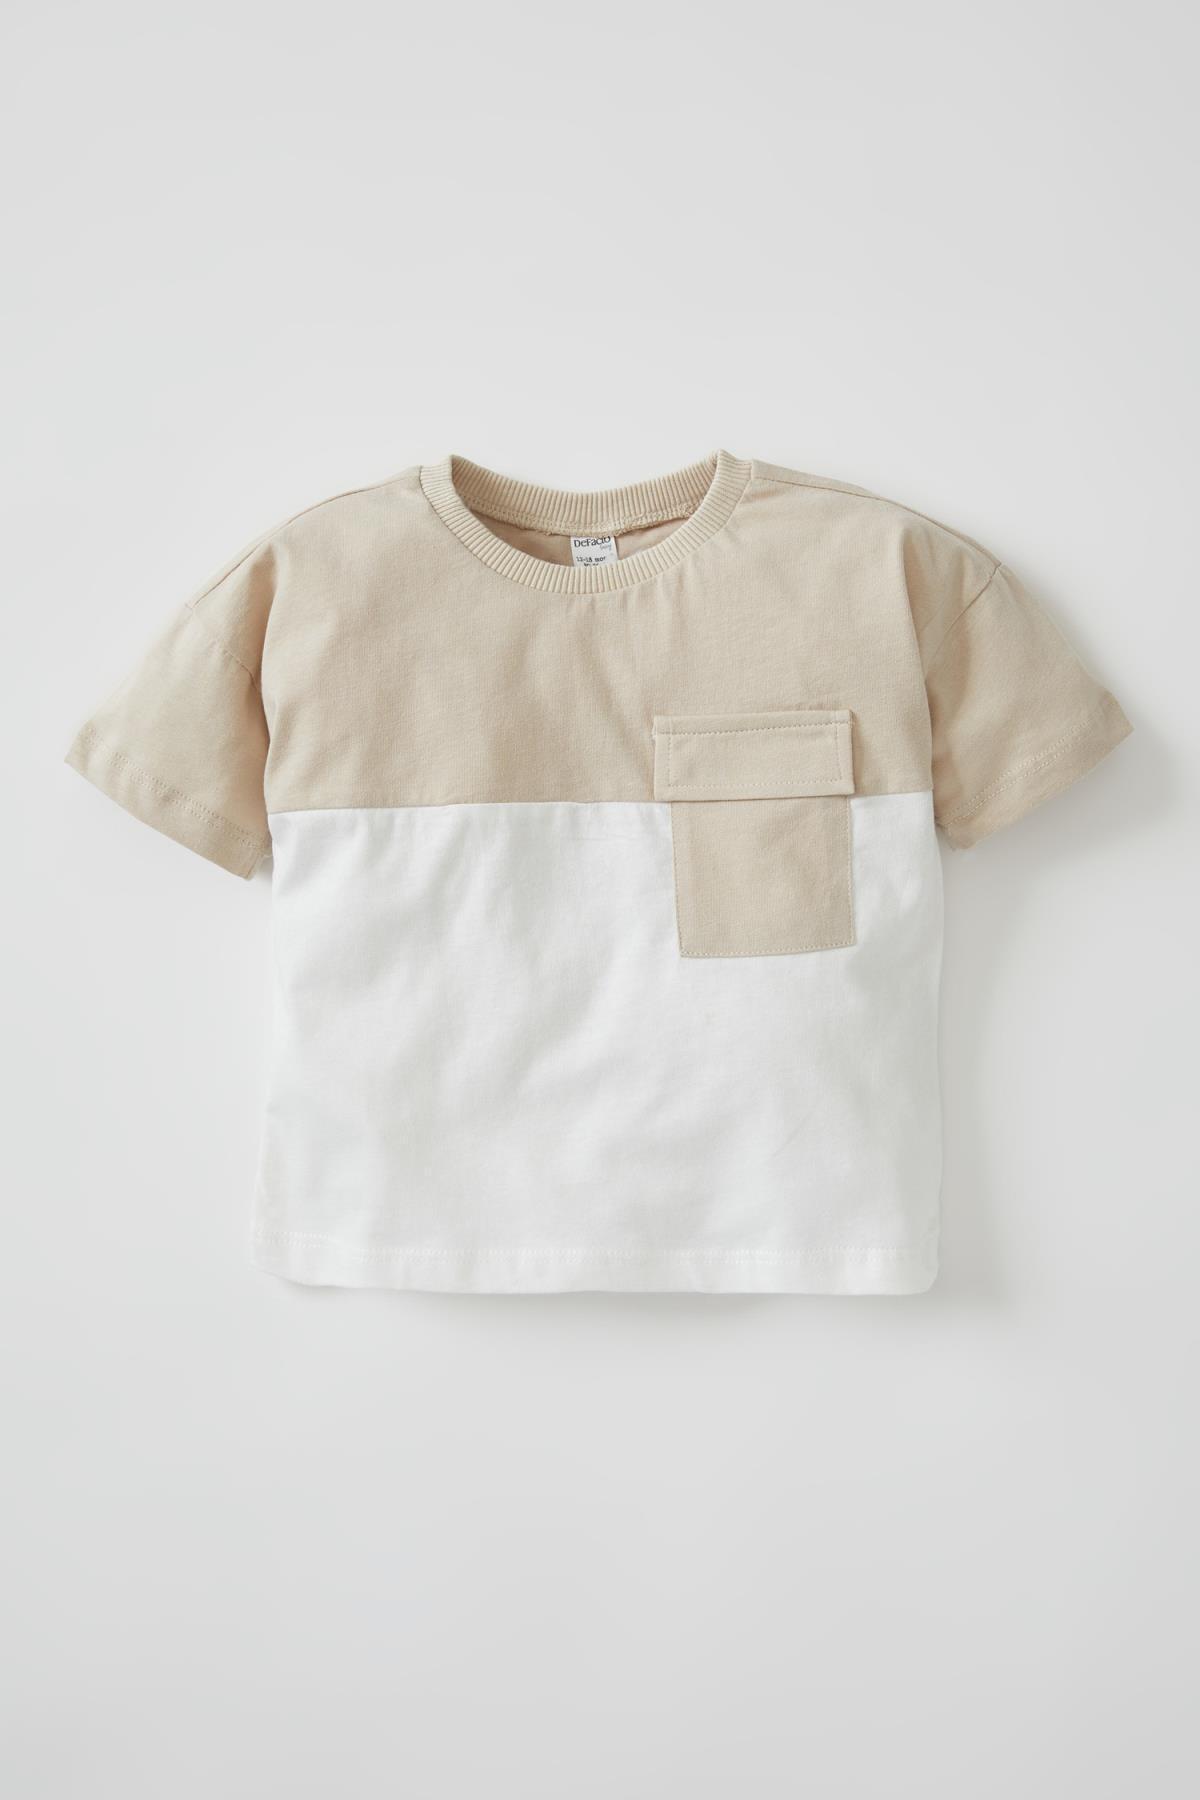 Unisex Cep Detaylı Kısa Kollu Pamuklu Tişört